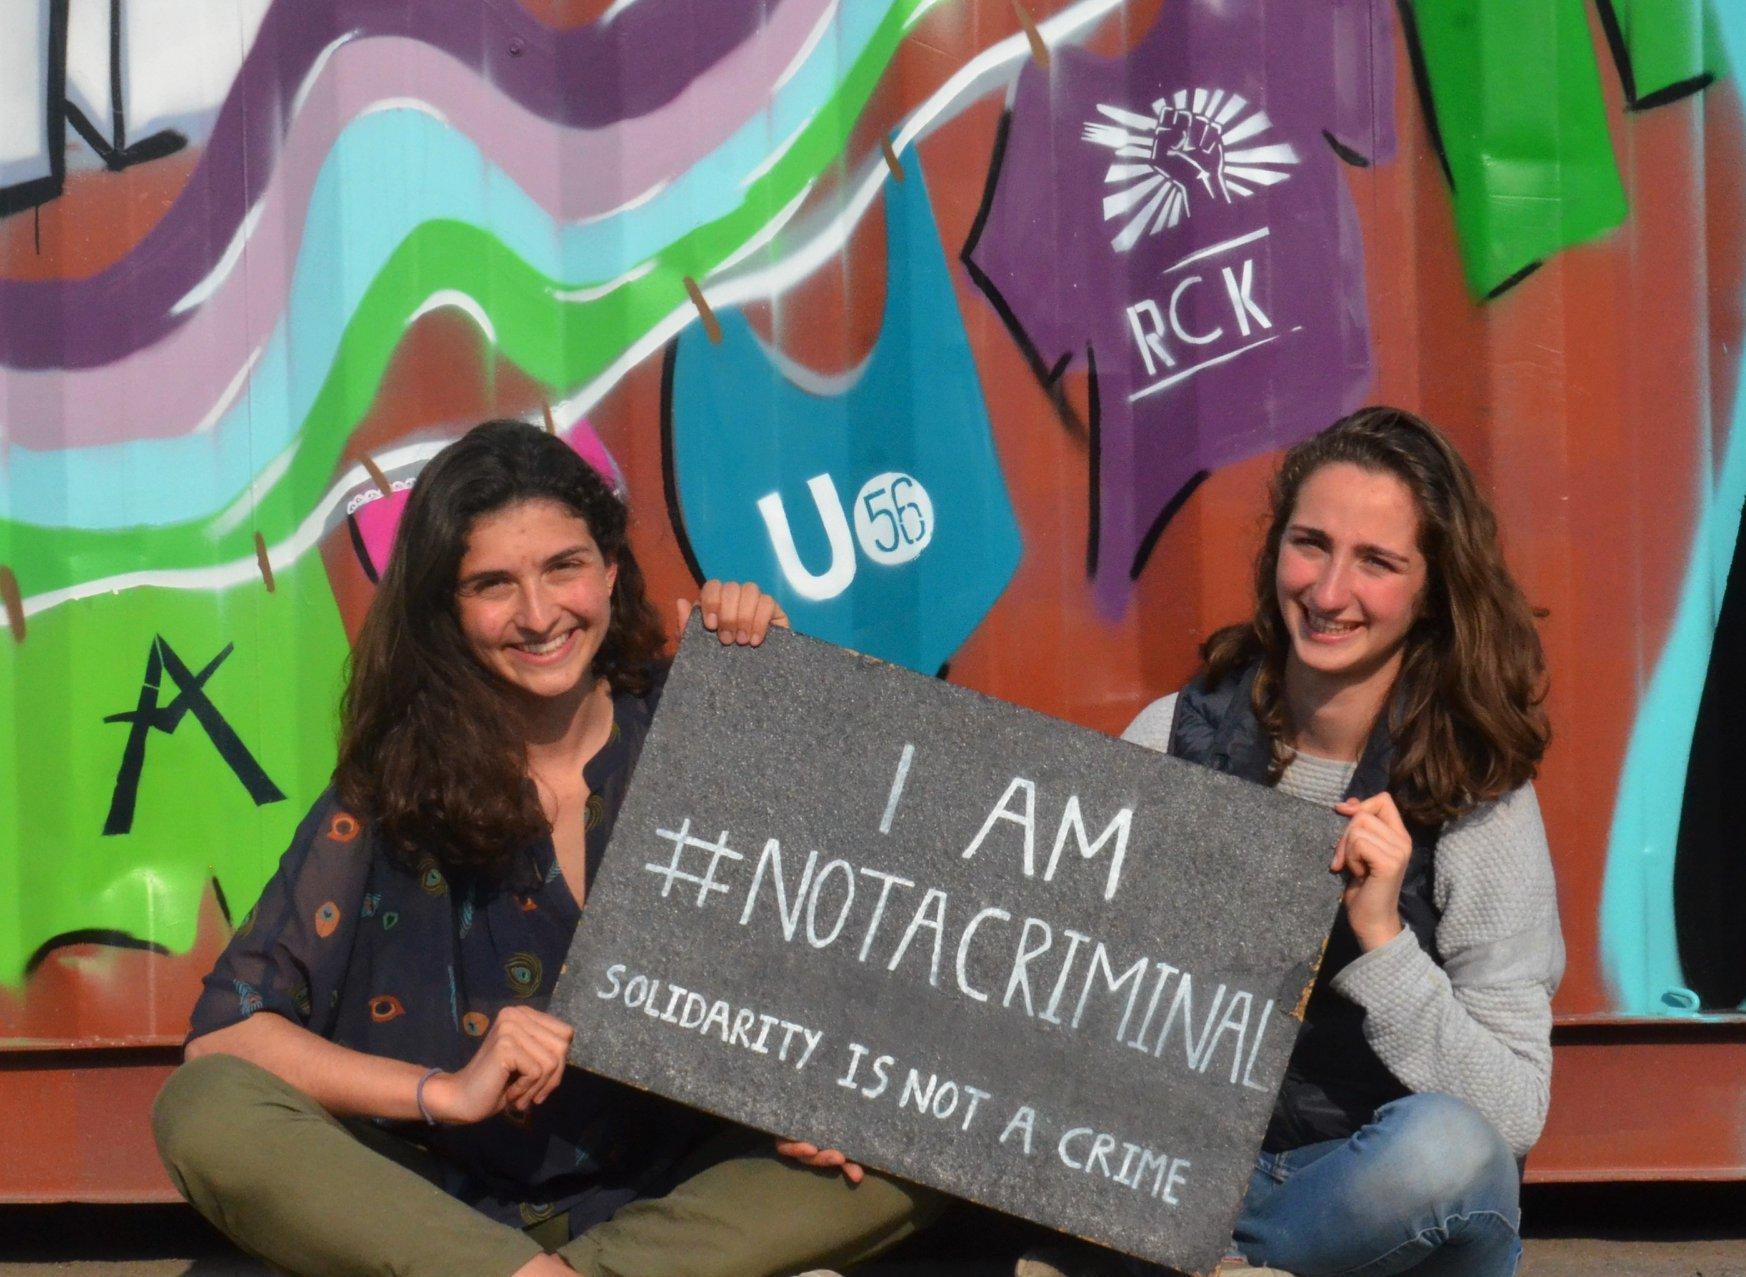 Aidons les migrants : Utopia 56 à la recherche de développeurs-bénévoles